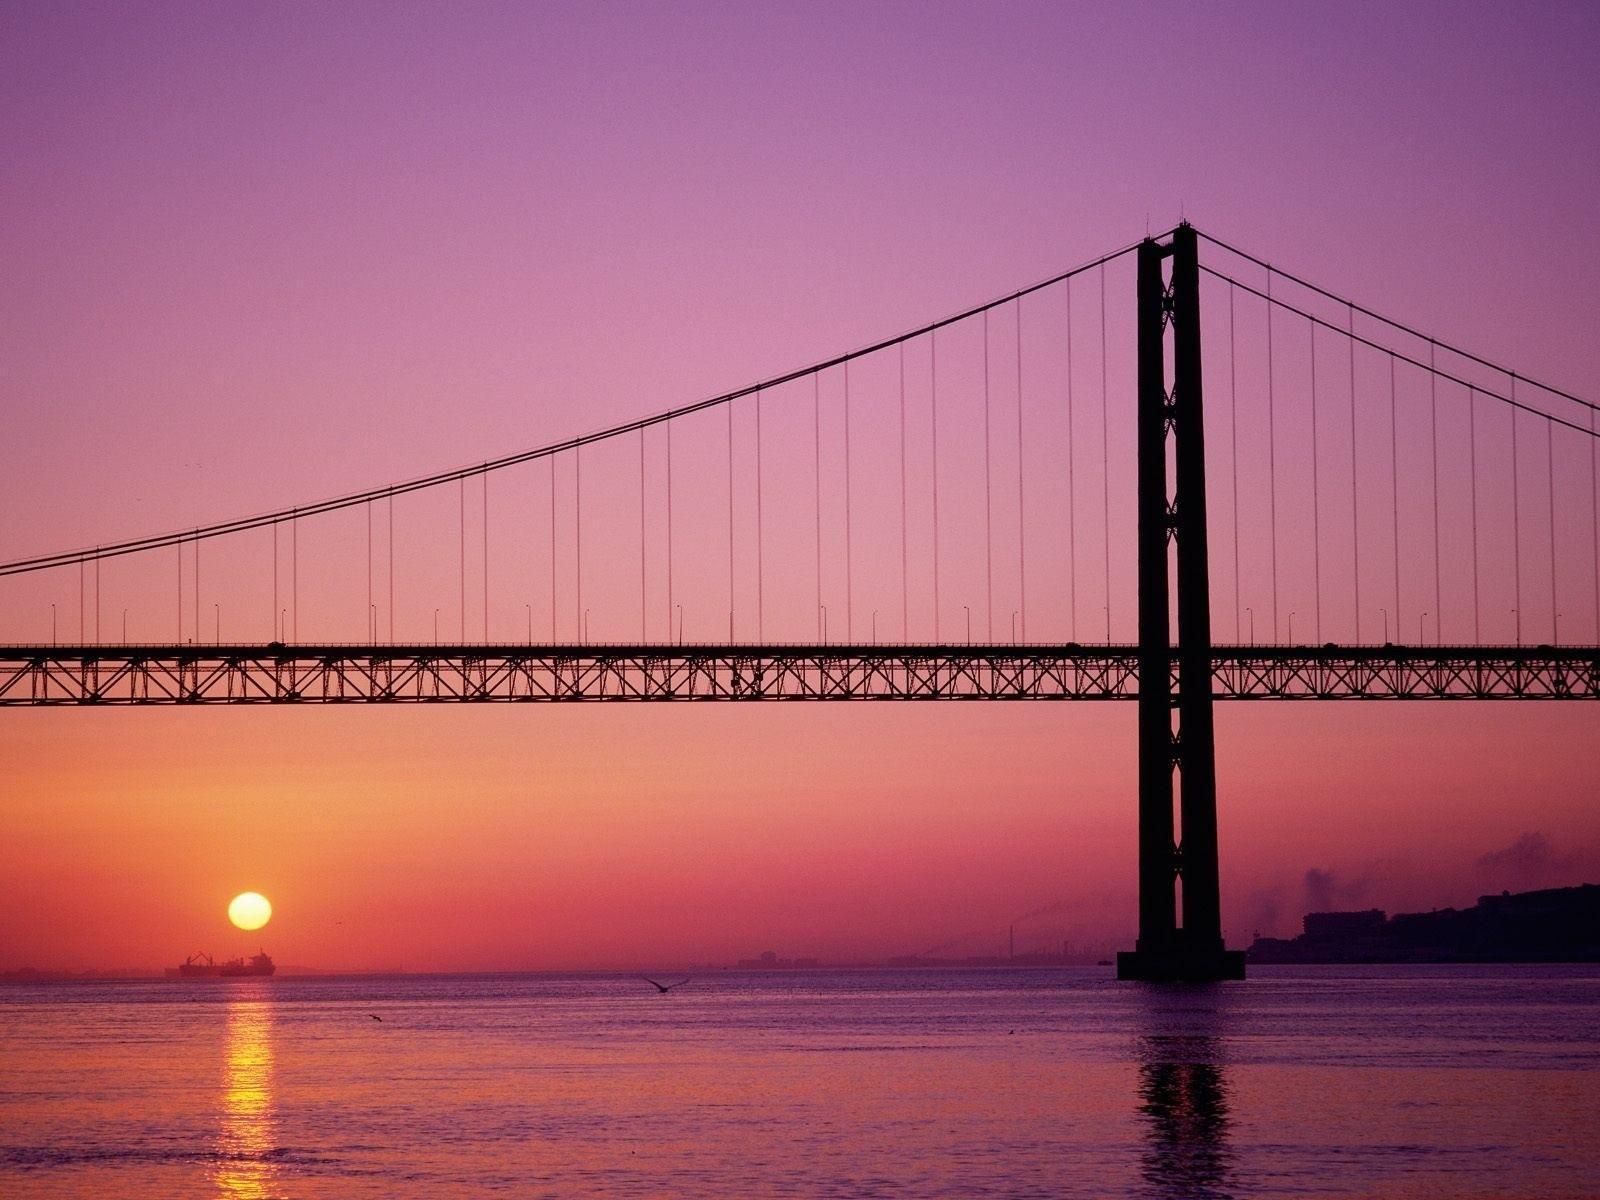 мост на красном закате без смс